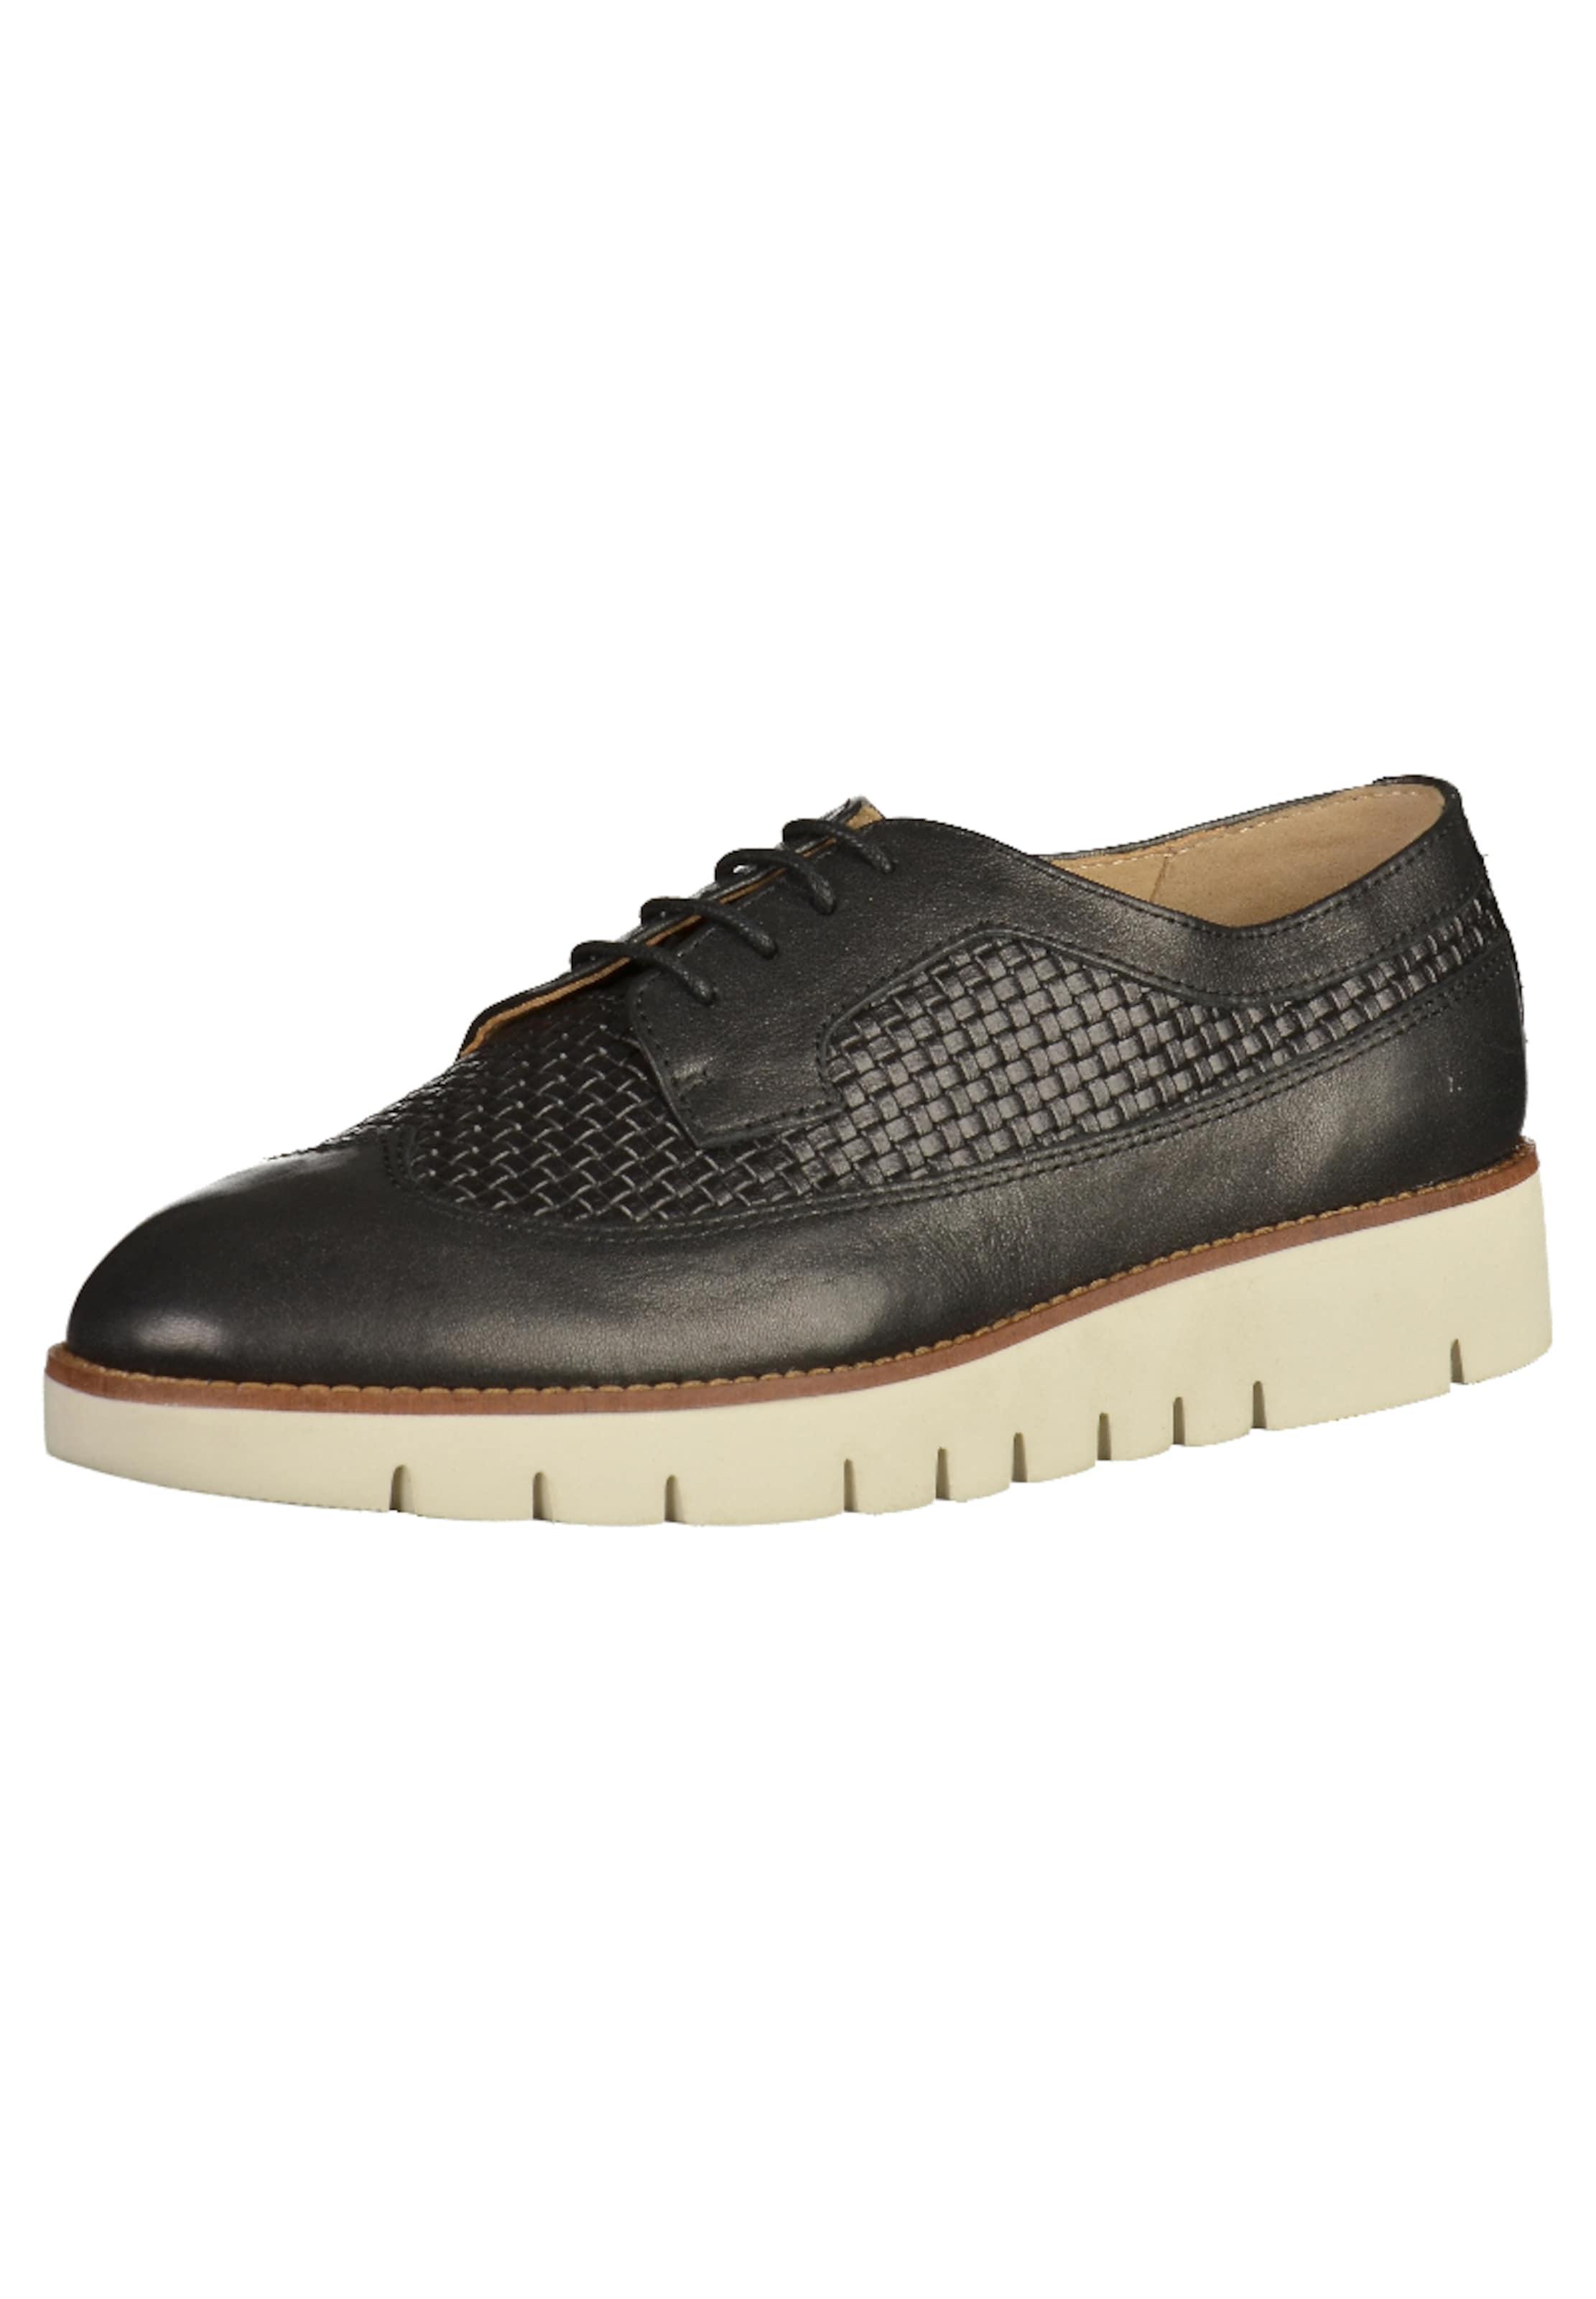 GEOX Halbschuhe Verschleißfeste billige Schuhe Hohe Qualität